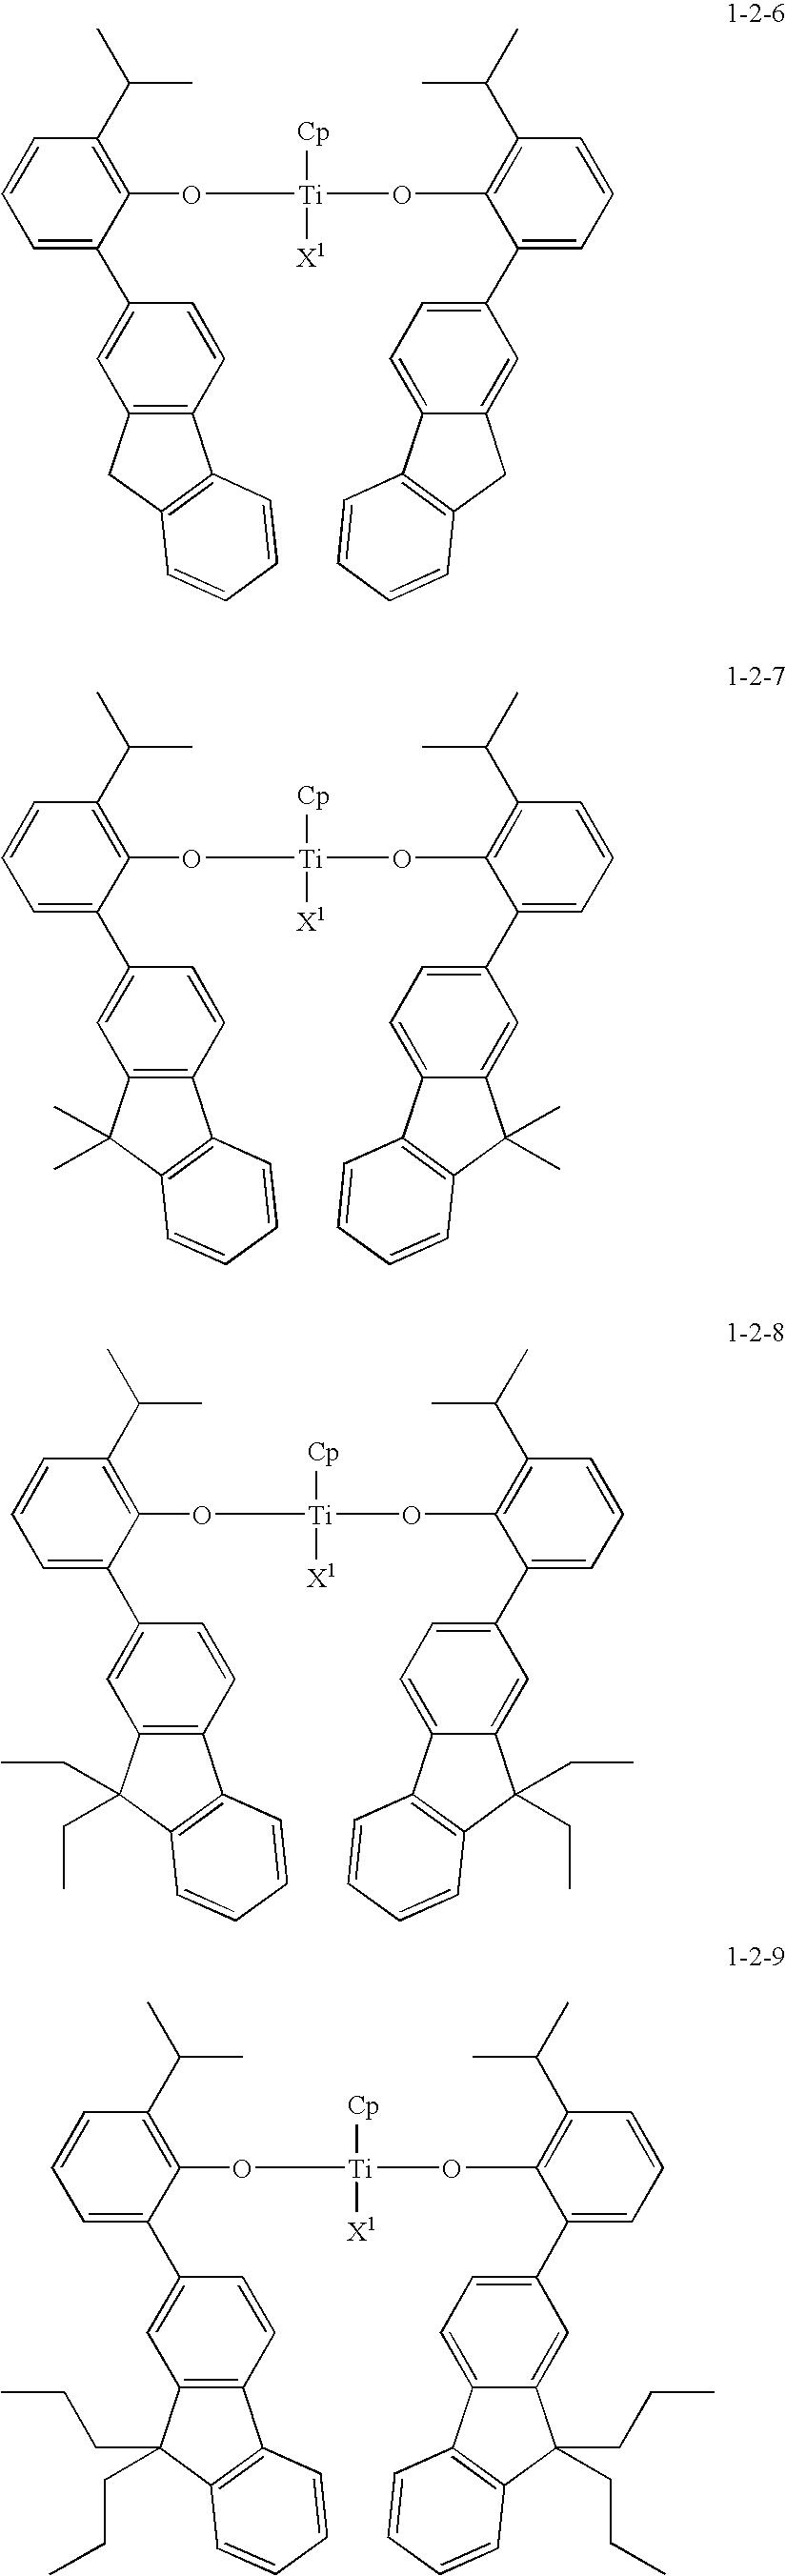 Figure US20100081776A1-20100401-C00079